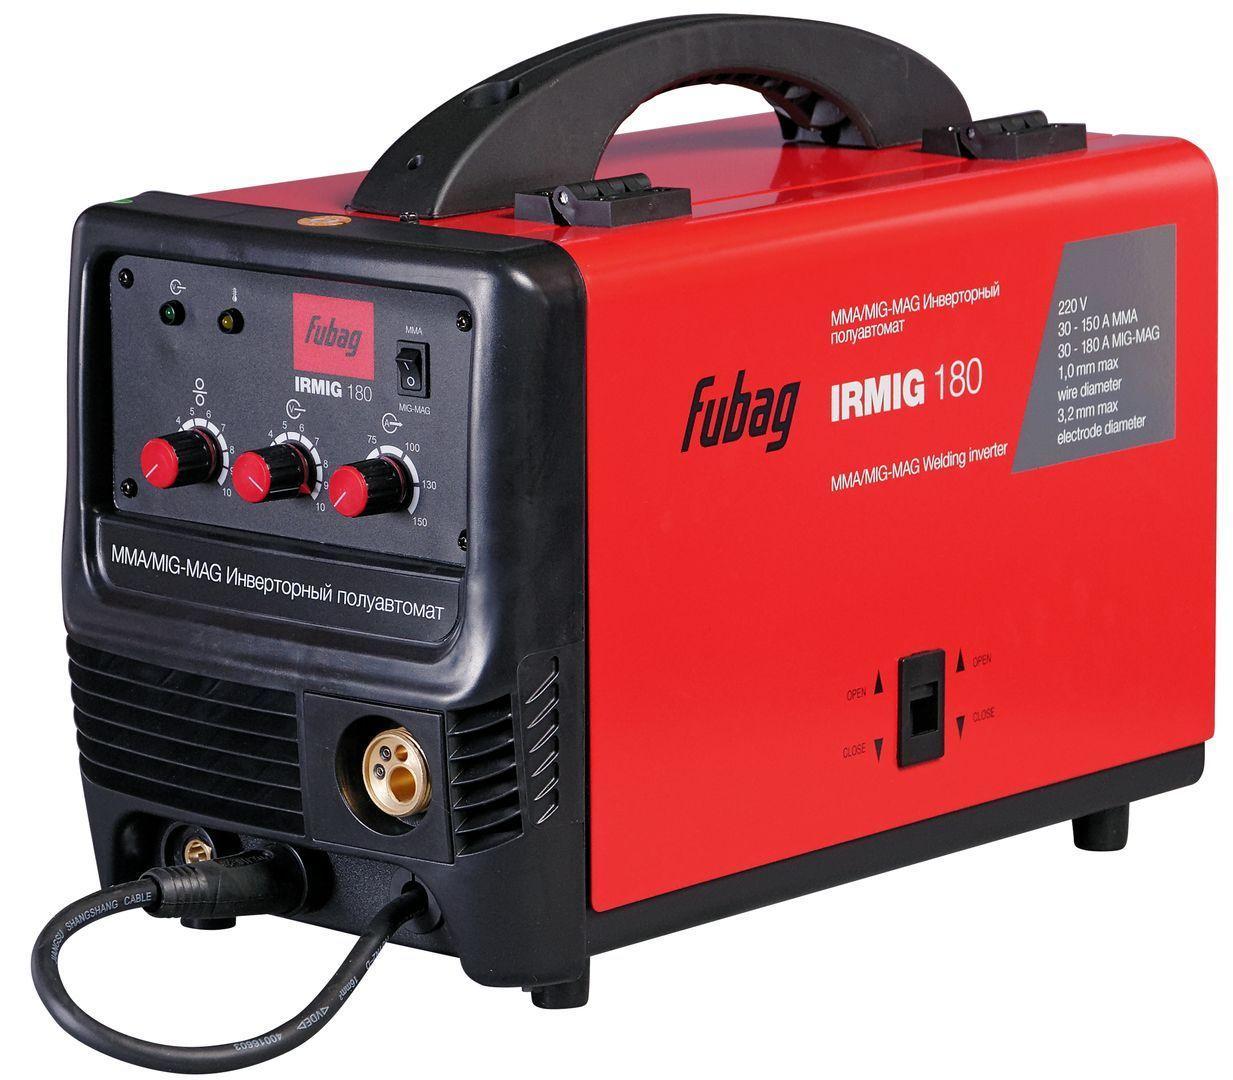 Сварочный полуавтомат инвертор Fubag IRMIG 180 (31432)+ горелка FB 250 3м (68443)